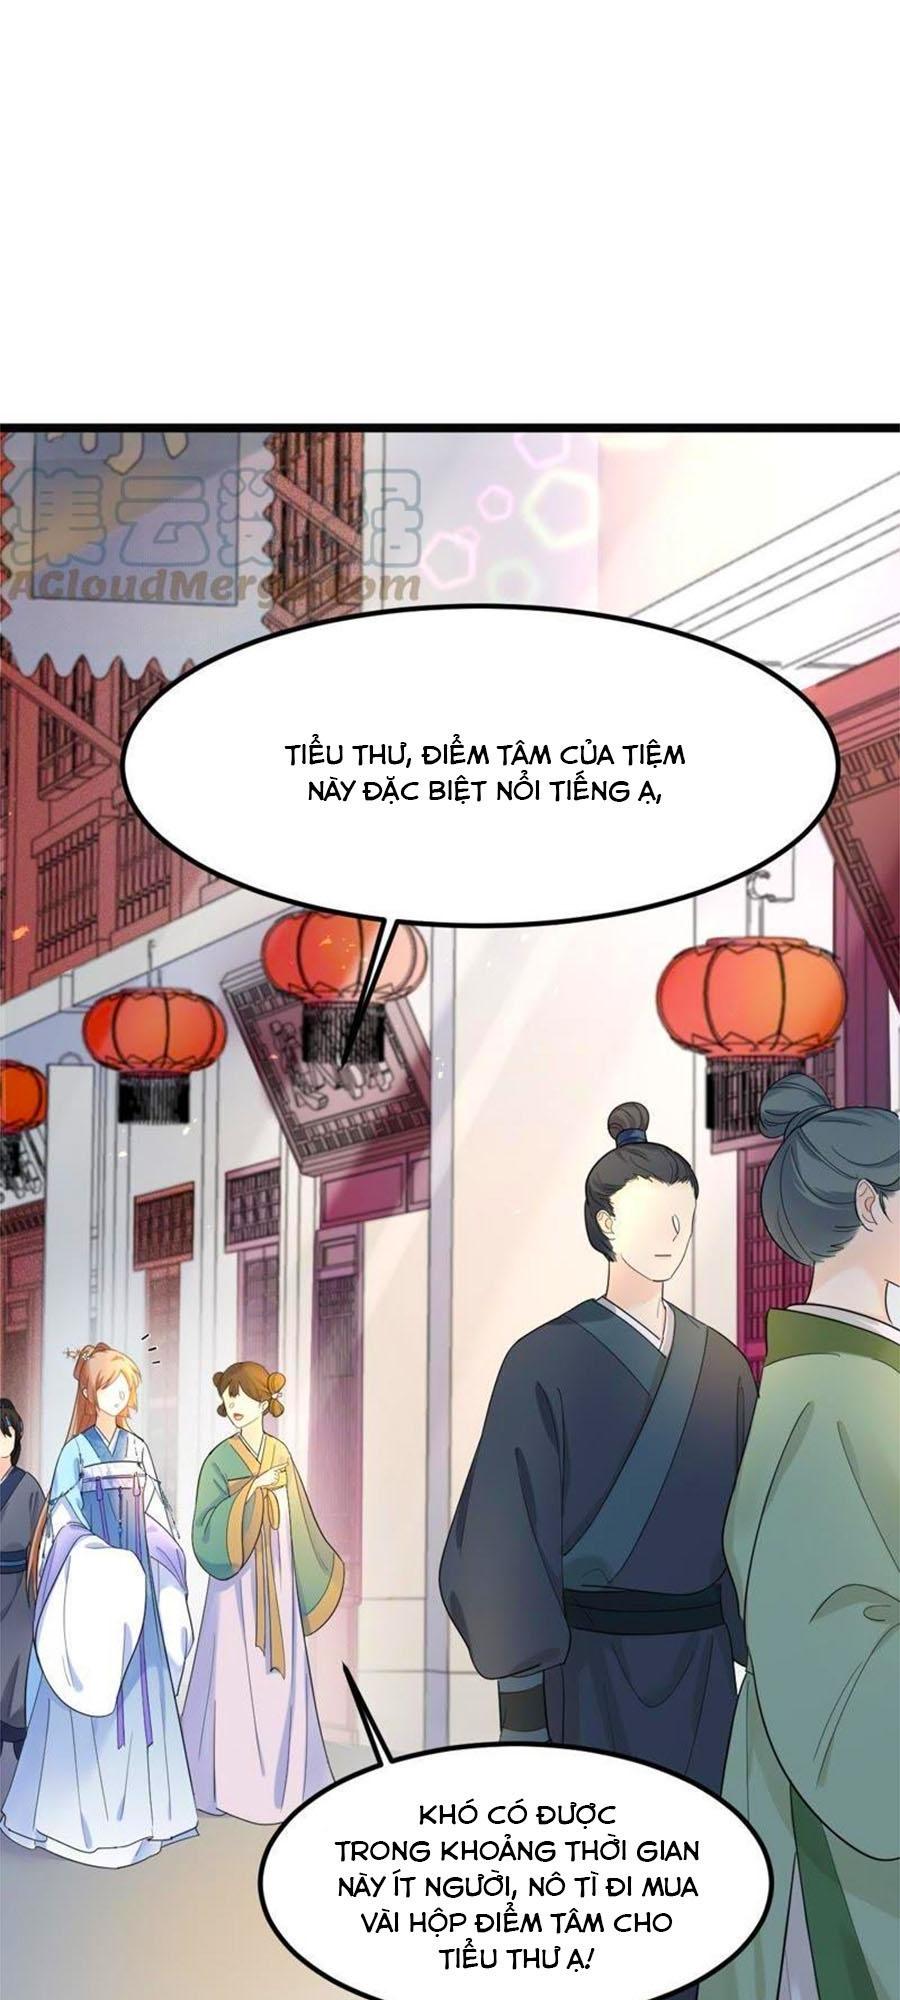 Chiến Thần Cuồng Phi: Phụng Khuynh Thiên Hạ chap 63 - Trang 11